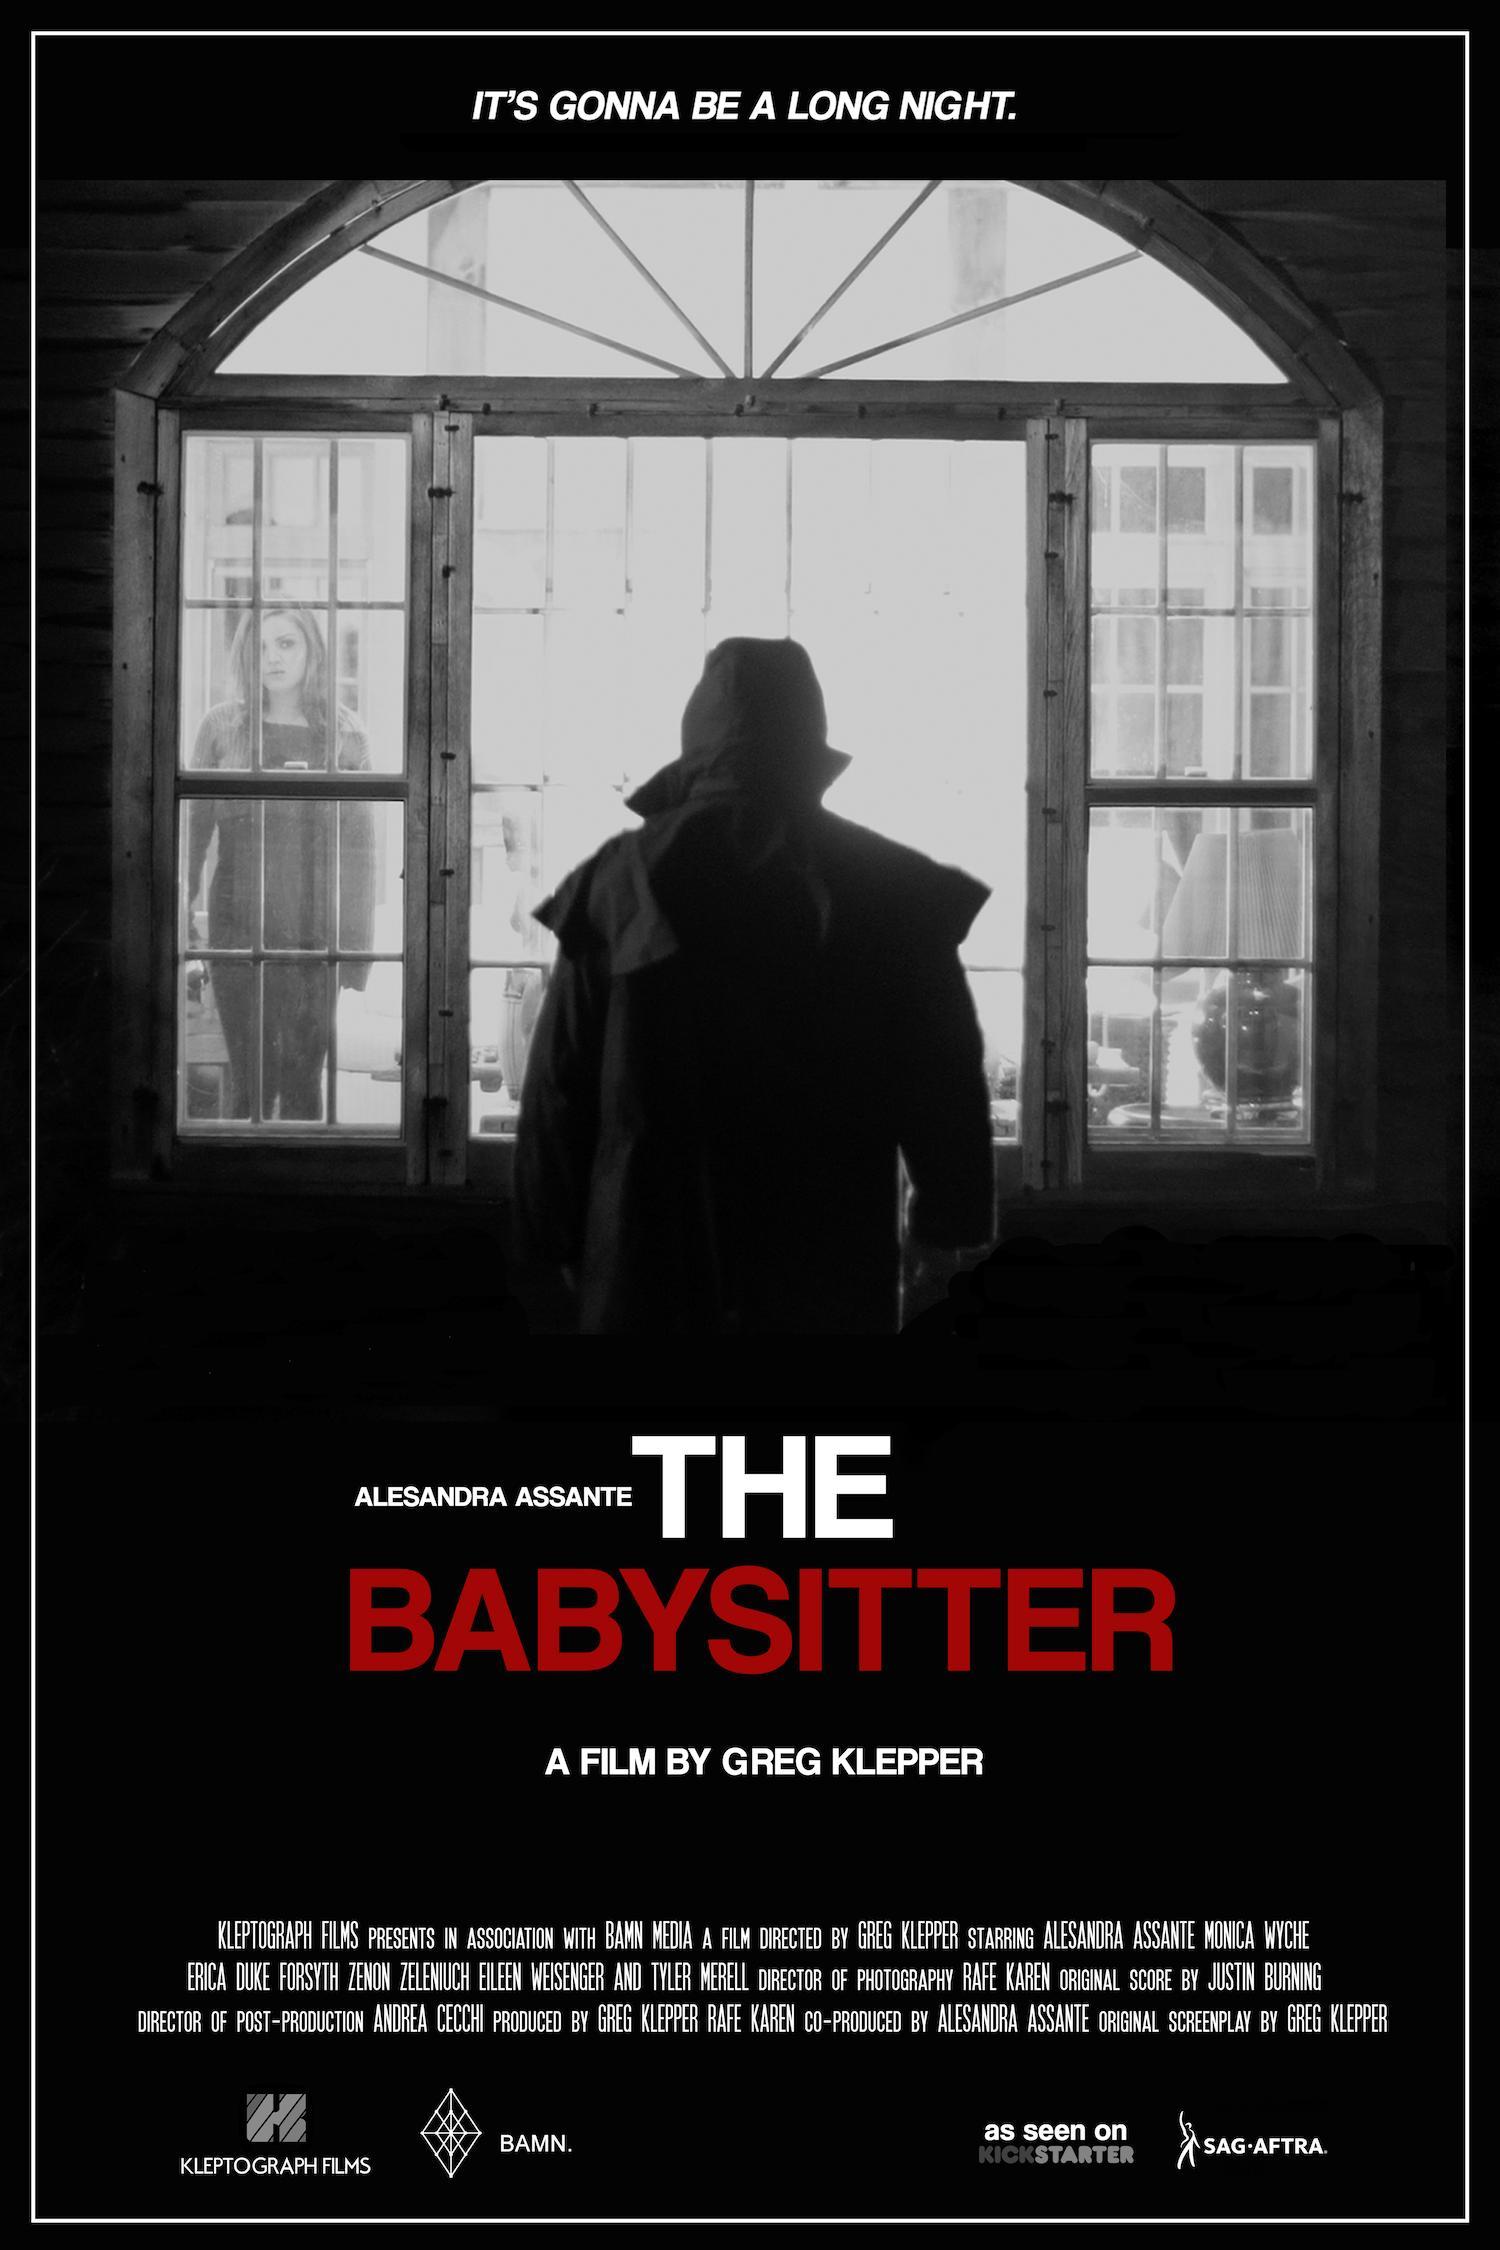 babysitter movie 2017 imdb